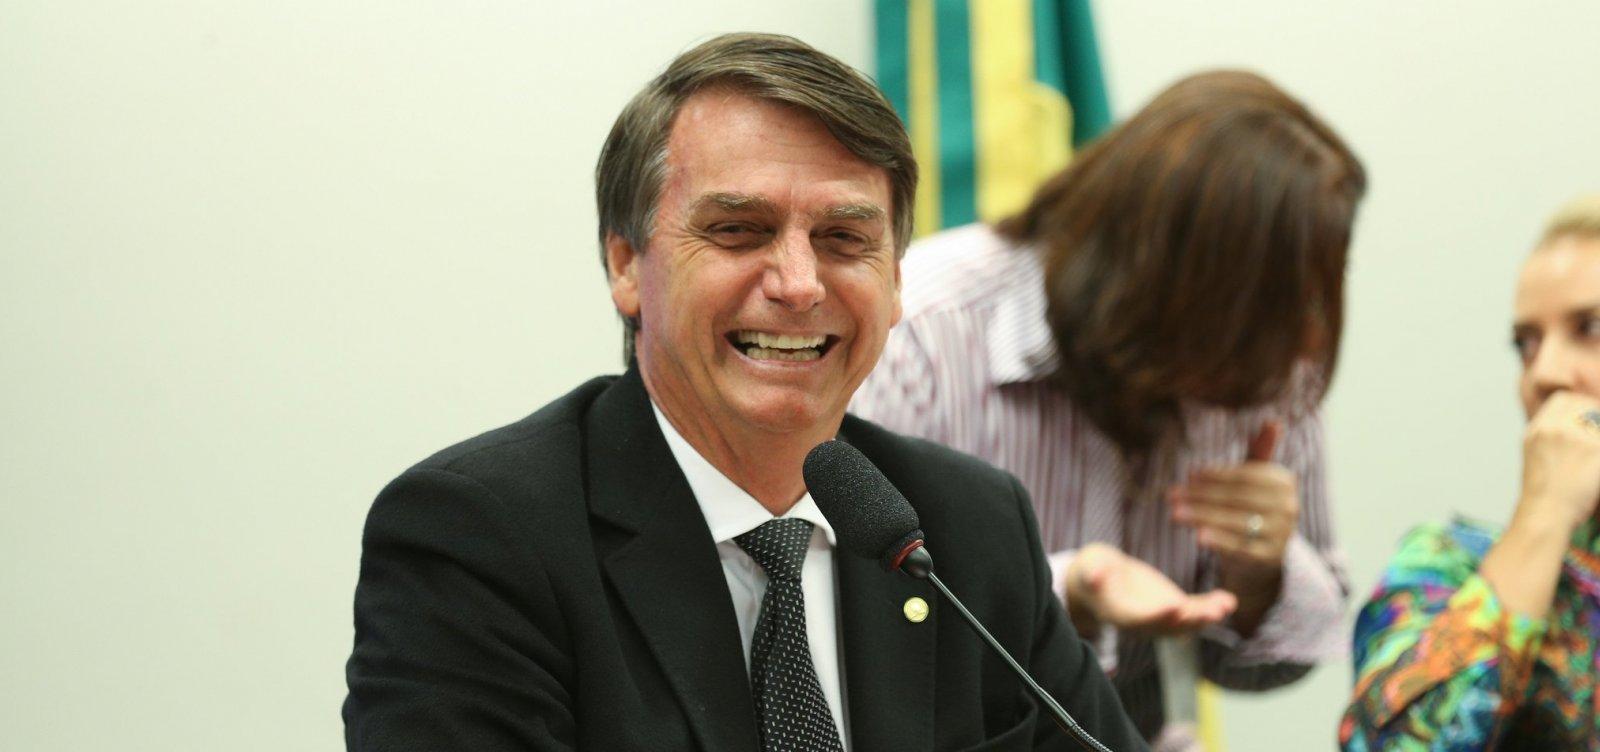 ['O Brasil é o país dos direitos, só não tem emprego', diz Bolsonaro]